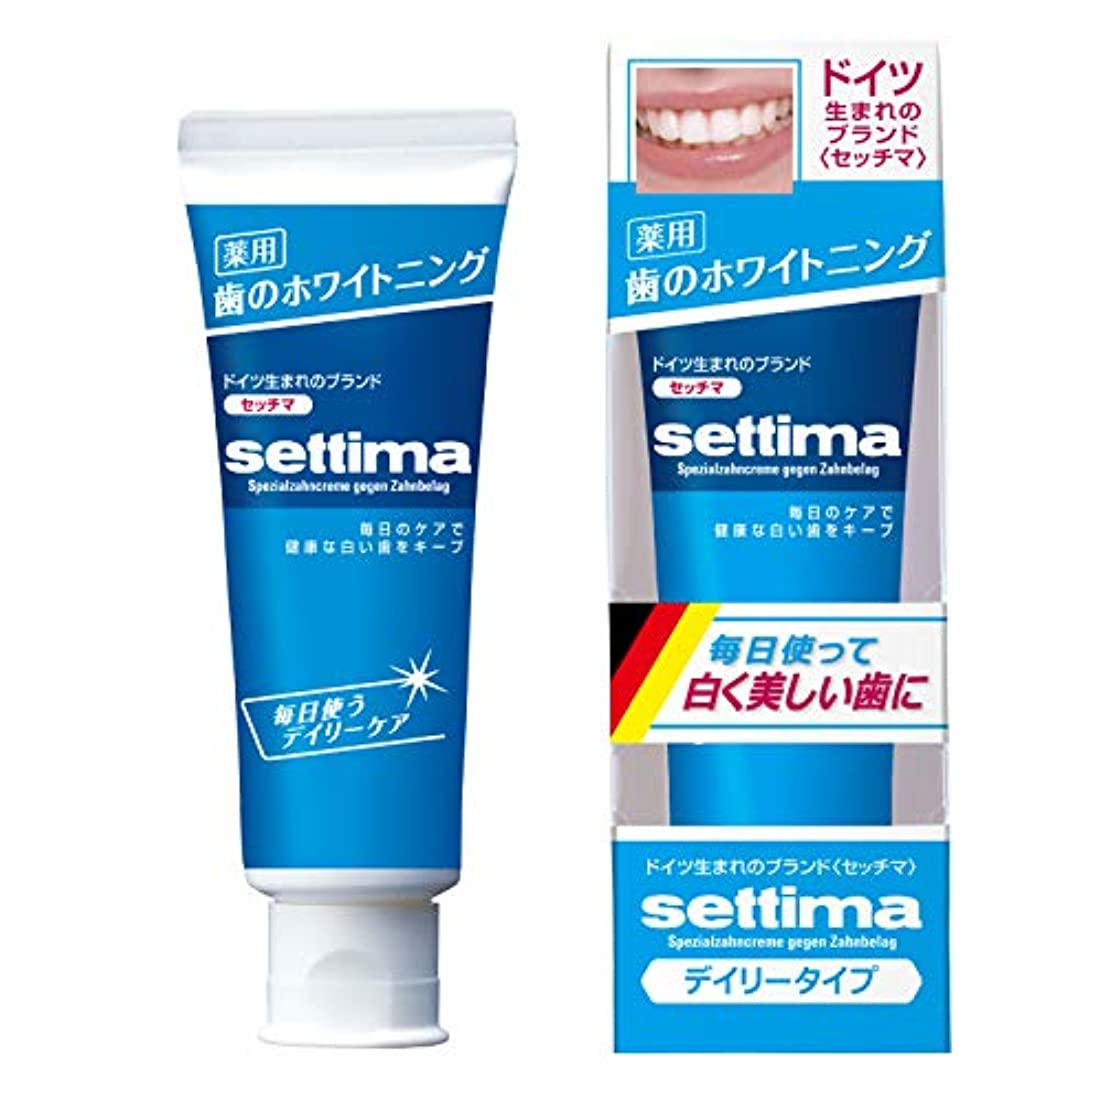 取得小石去る[医薬部外品] settima(セッチマ) ホワイトニング 歯みがき デイリーケア [ファインミントタイプ] <ステインケア タバコのヤニ取り フッ素配合 虫歯予防> 80g